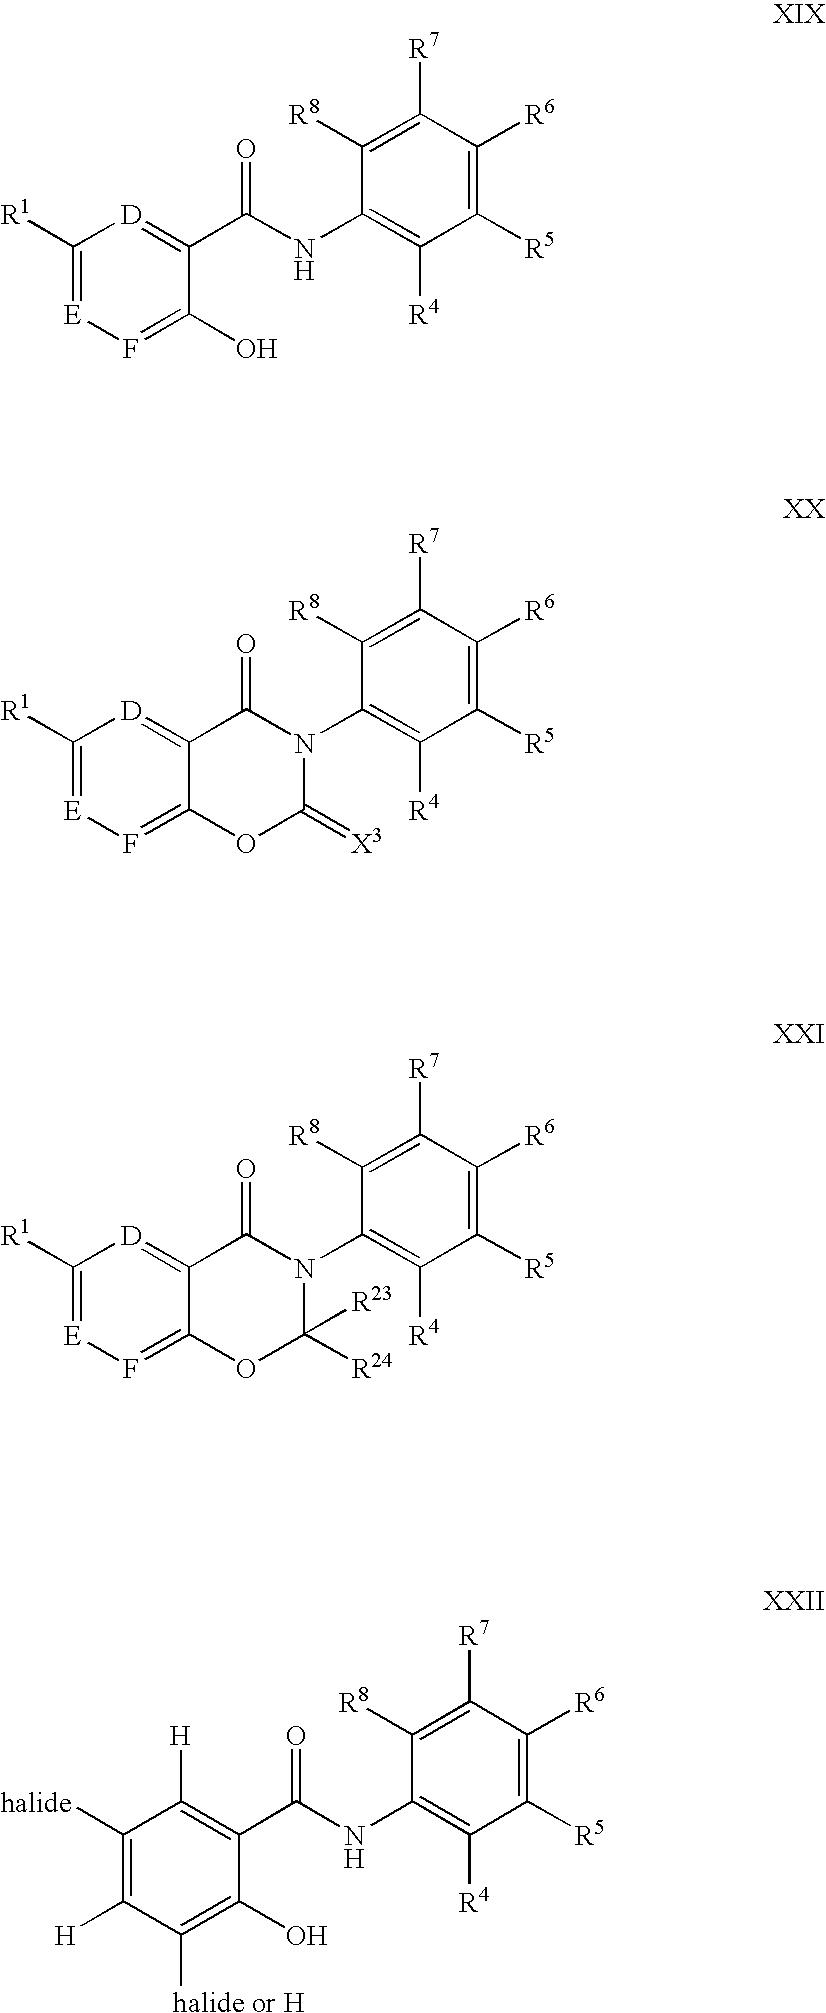 Figure US20070299043A1-20071227-C00180